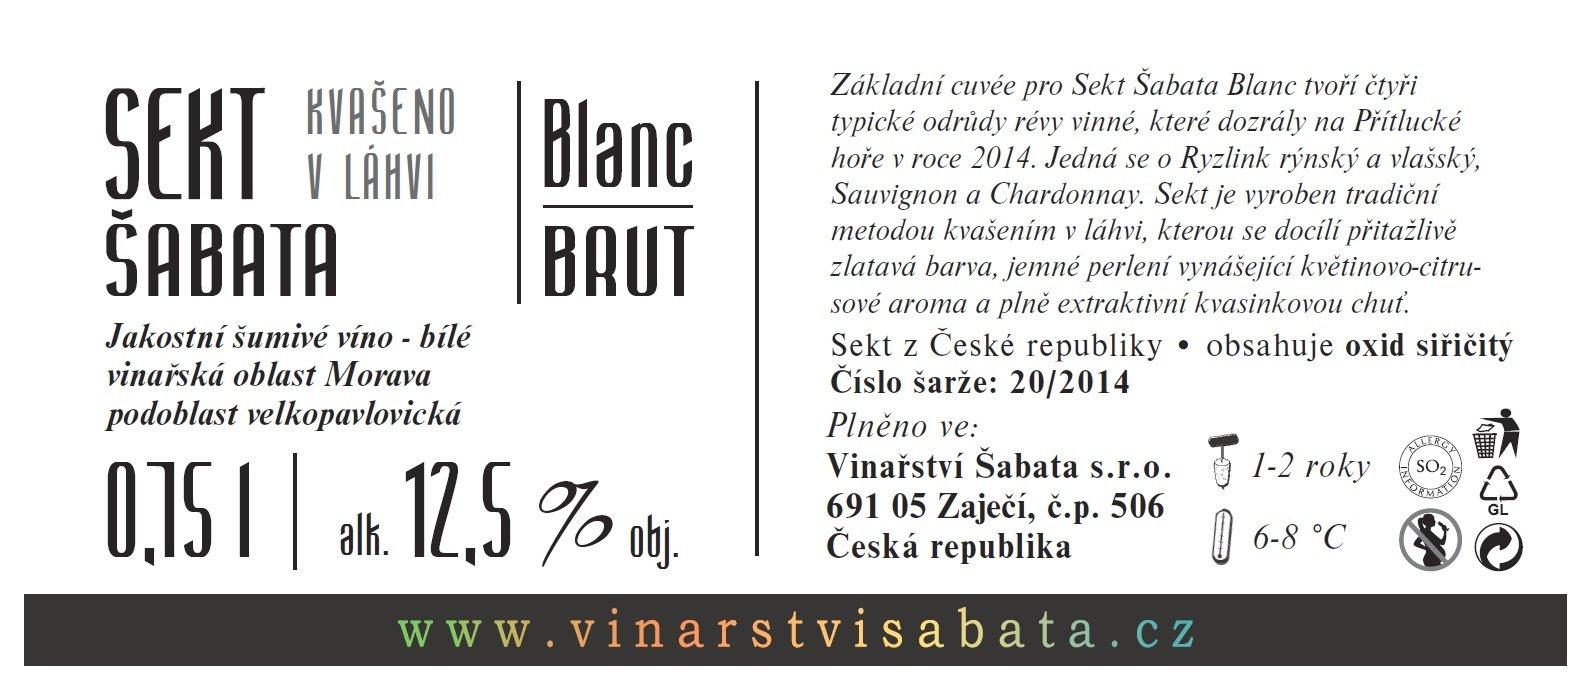 Vinařství Šabata - Sekt Šabata Blanc - Jakostní šumivé víno - sekt - 0,75l (balení 6 lahví)